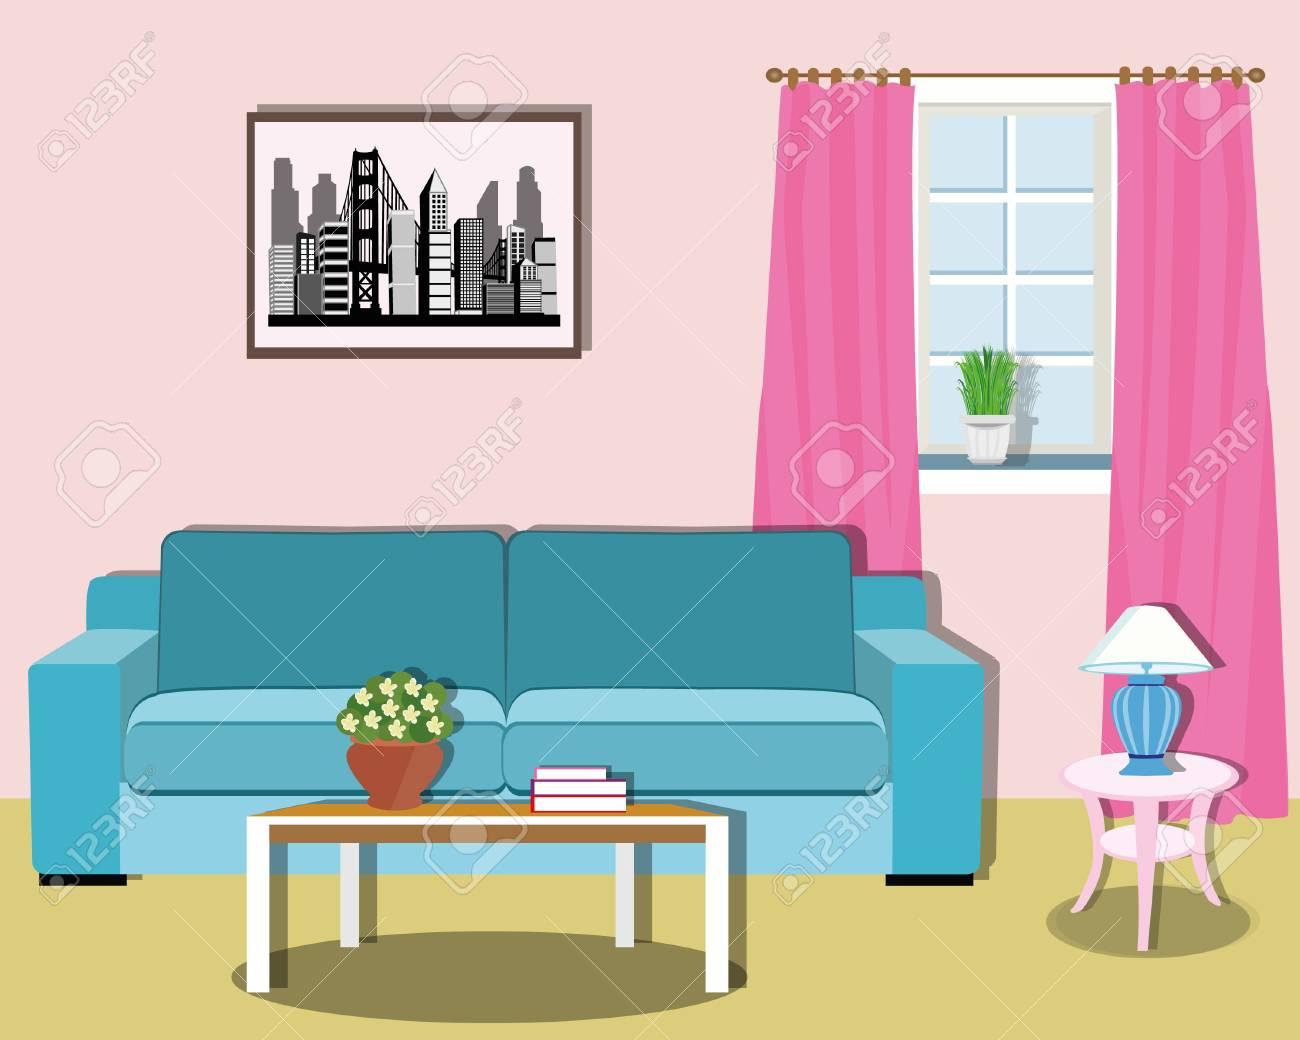 Design d\'intérieur de salon moderne coloré avec des meubles. Illustration  vectorielle de style plat.